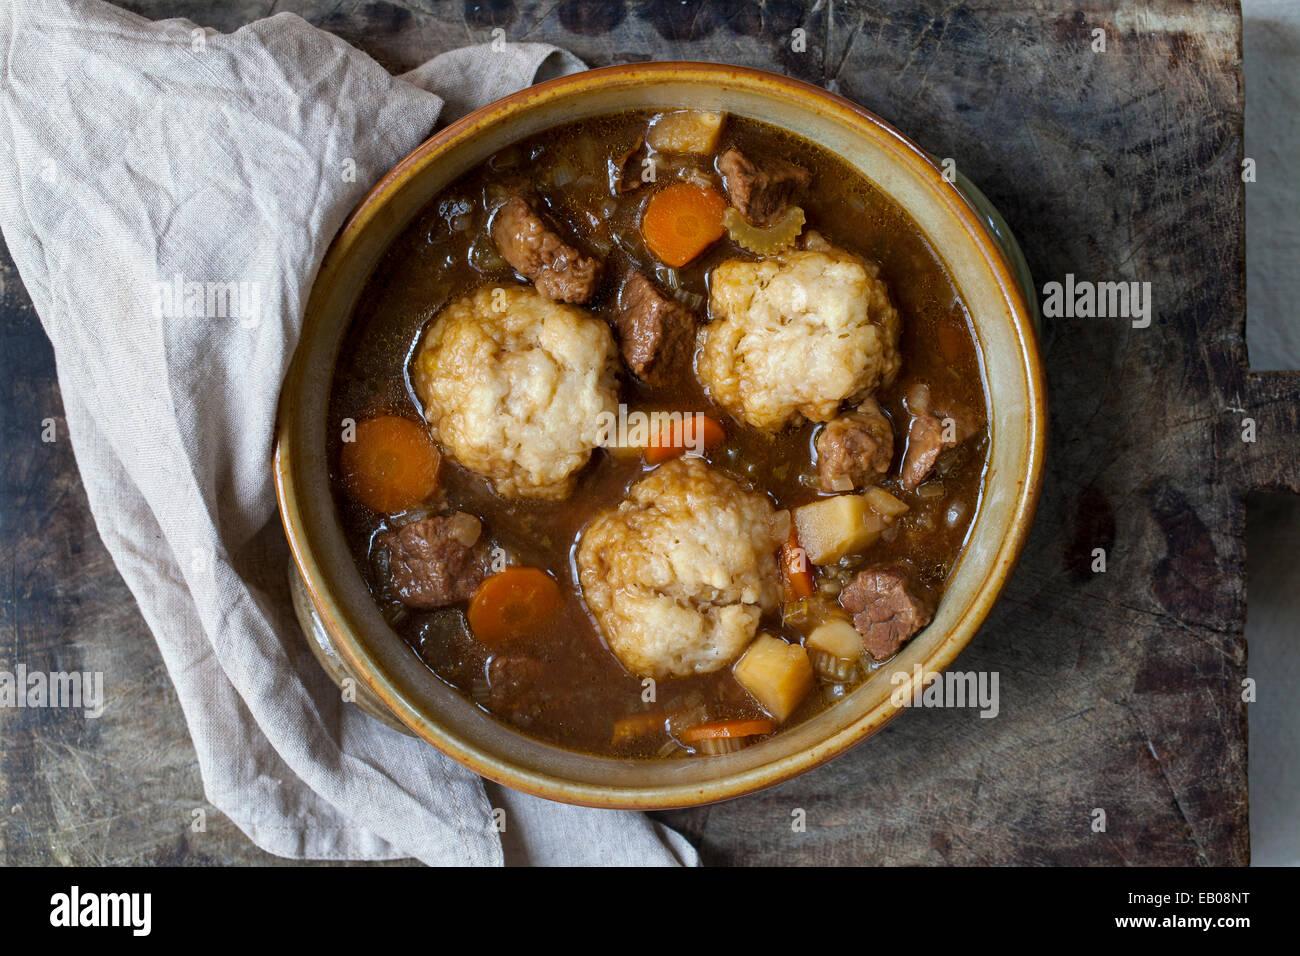 Estofado de Carne con los dumplings Imagen De Stock